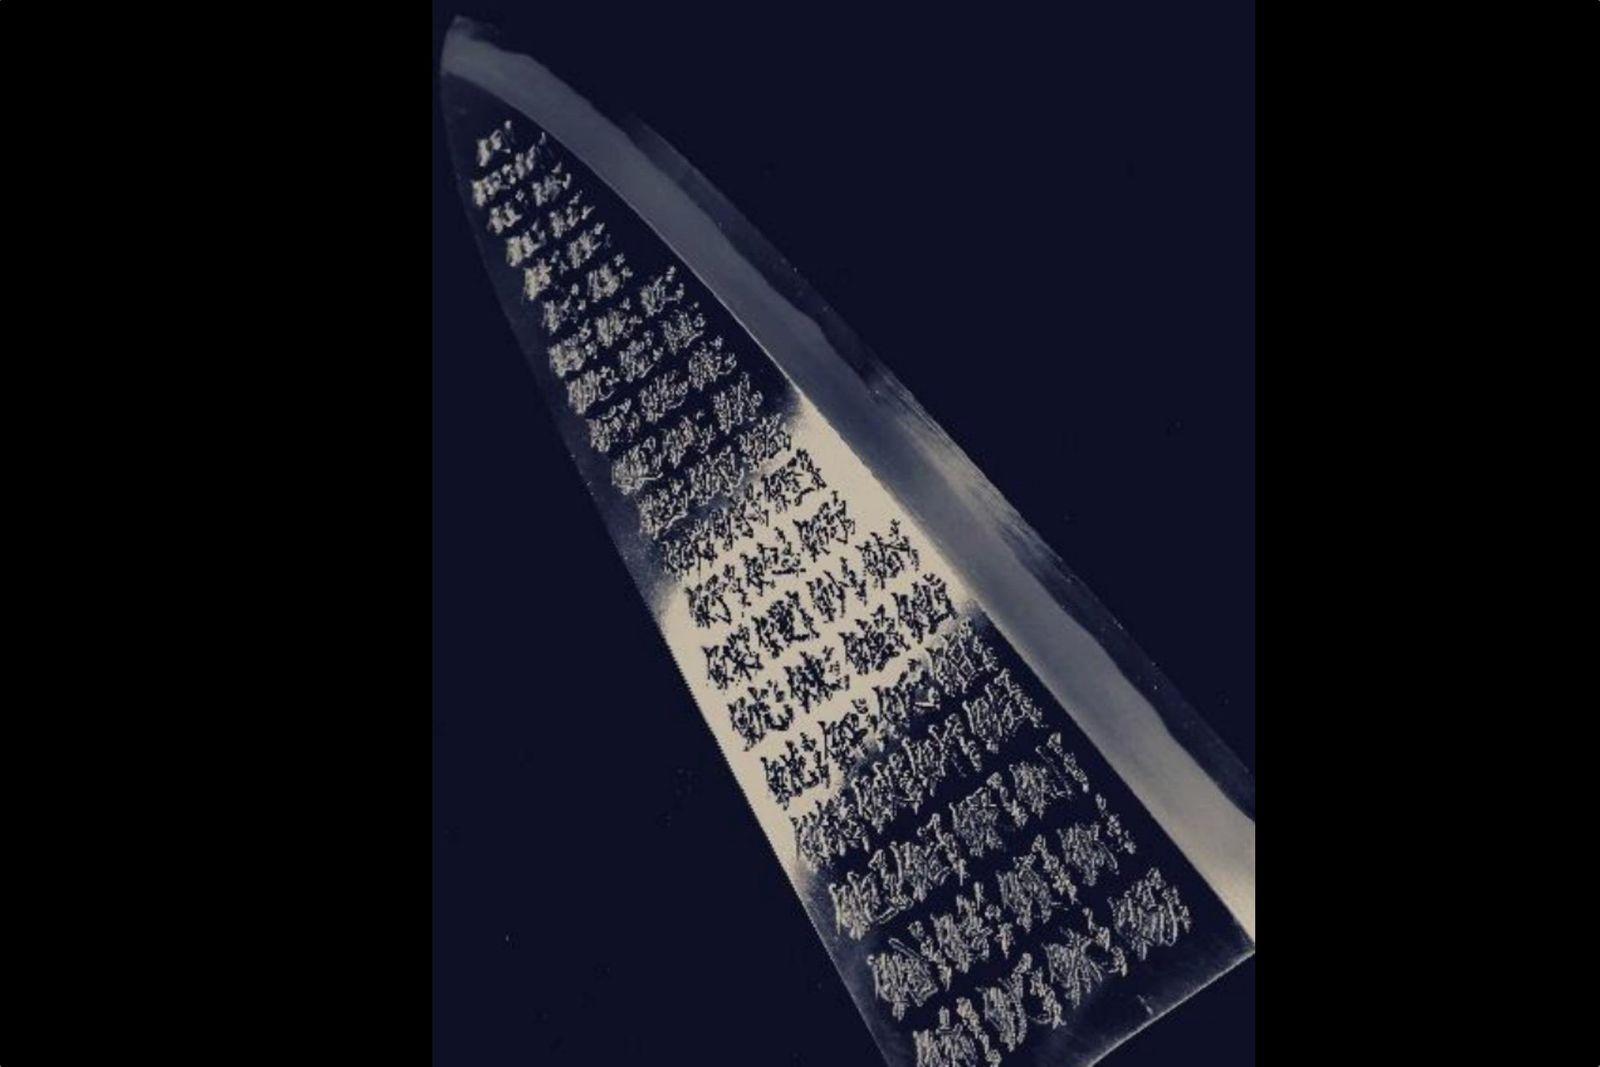 プロに選ばれる高水準 包丁どころ堺を代表するメーカー 堺 孝行 霞研 白鋼 和包丁 早割クーポン 新作 大人気 210mm - 終始一貫の彫刻入り 出刃包丁